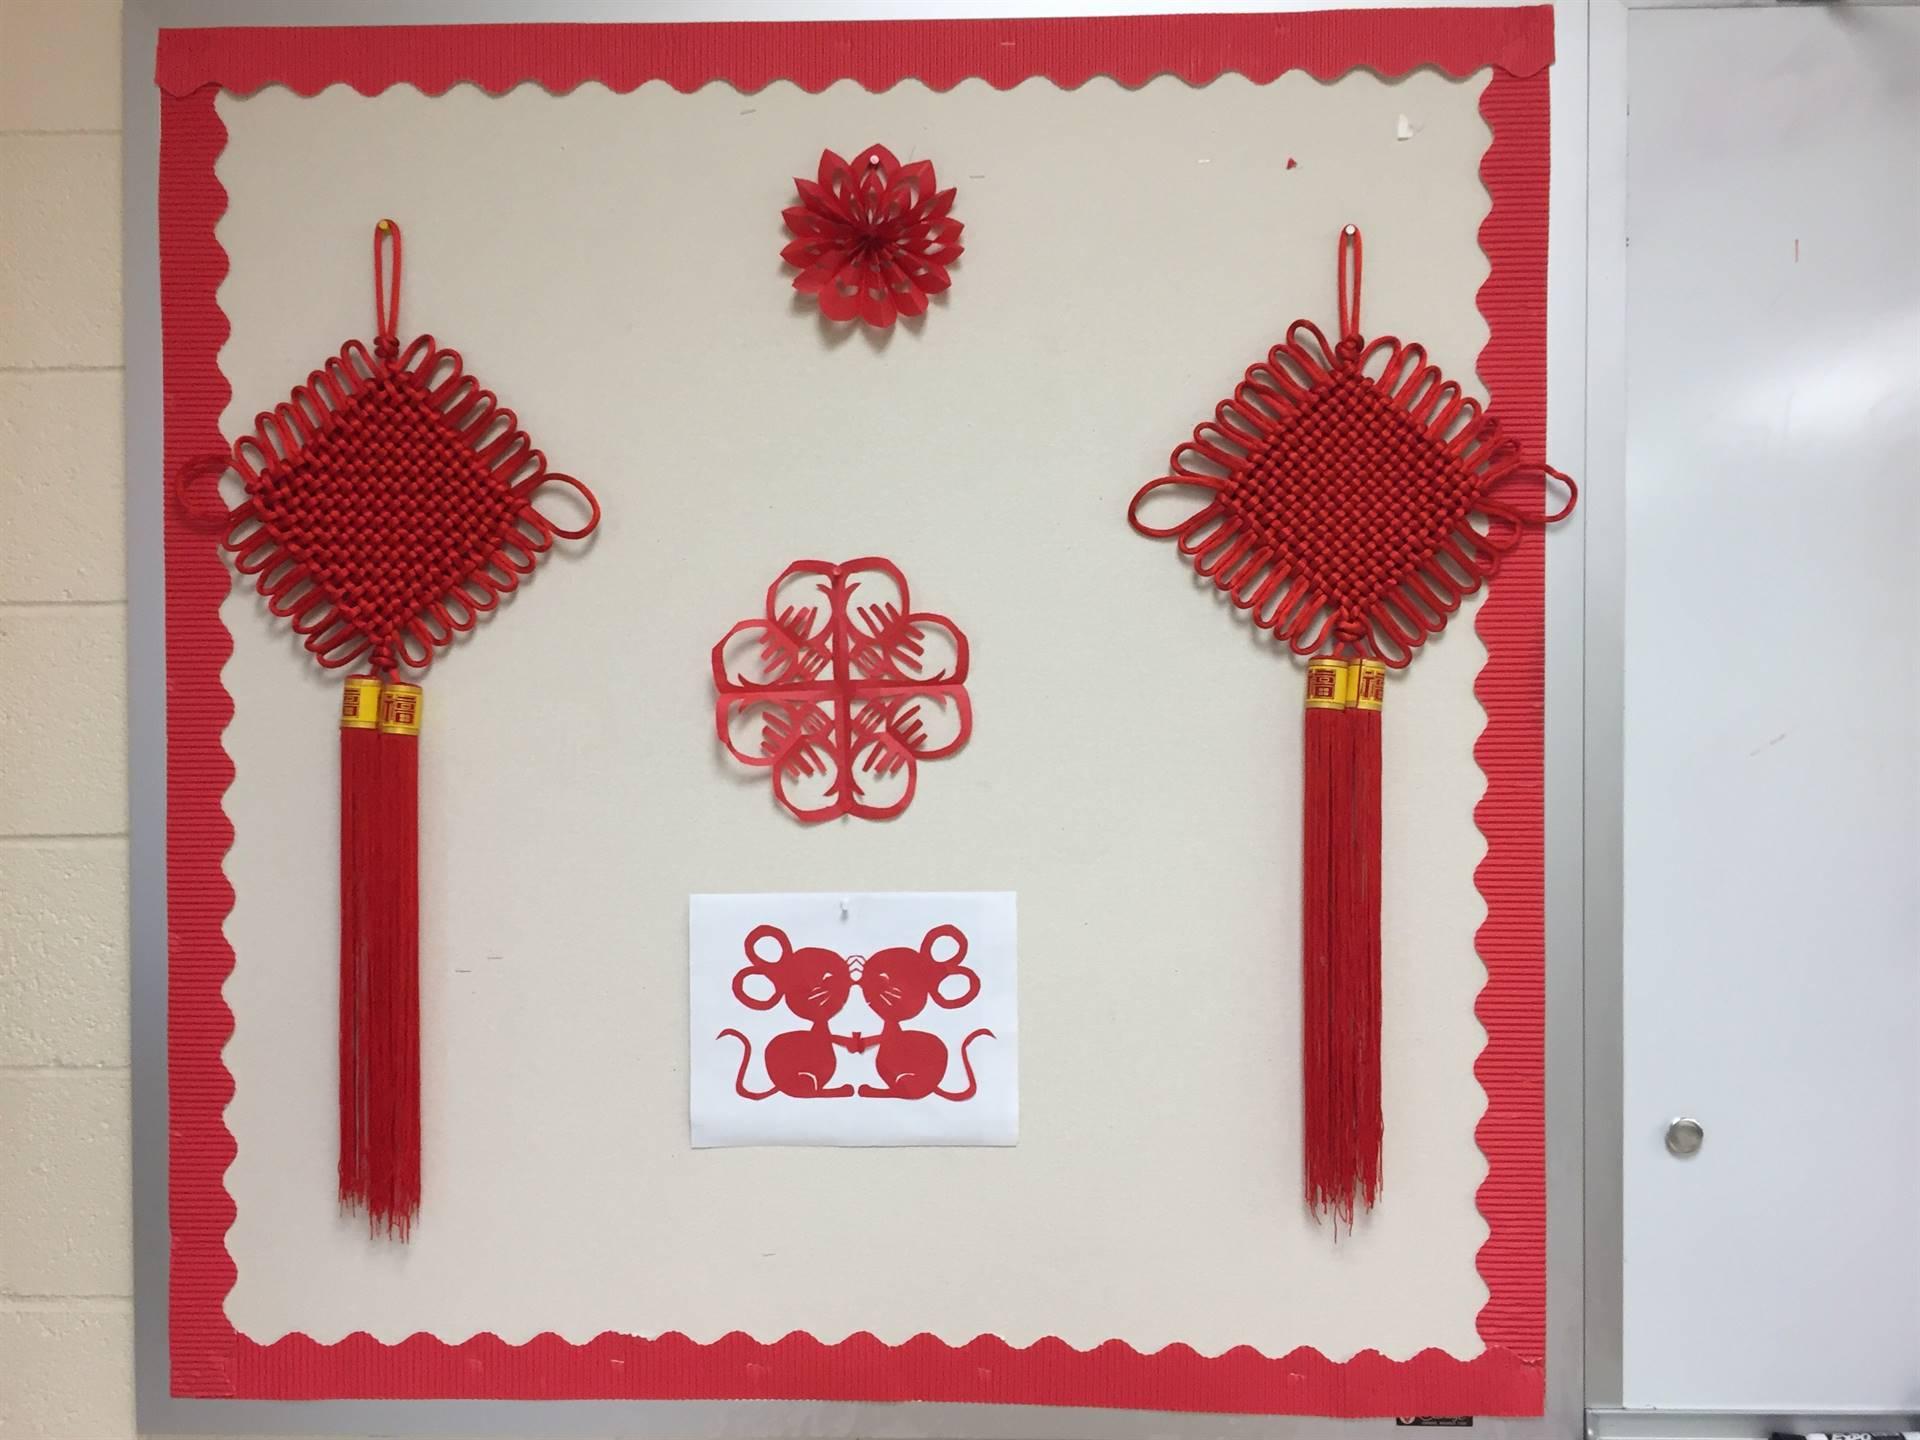 Chinese New Year Celebration 20200124 (5)